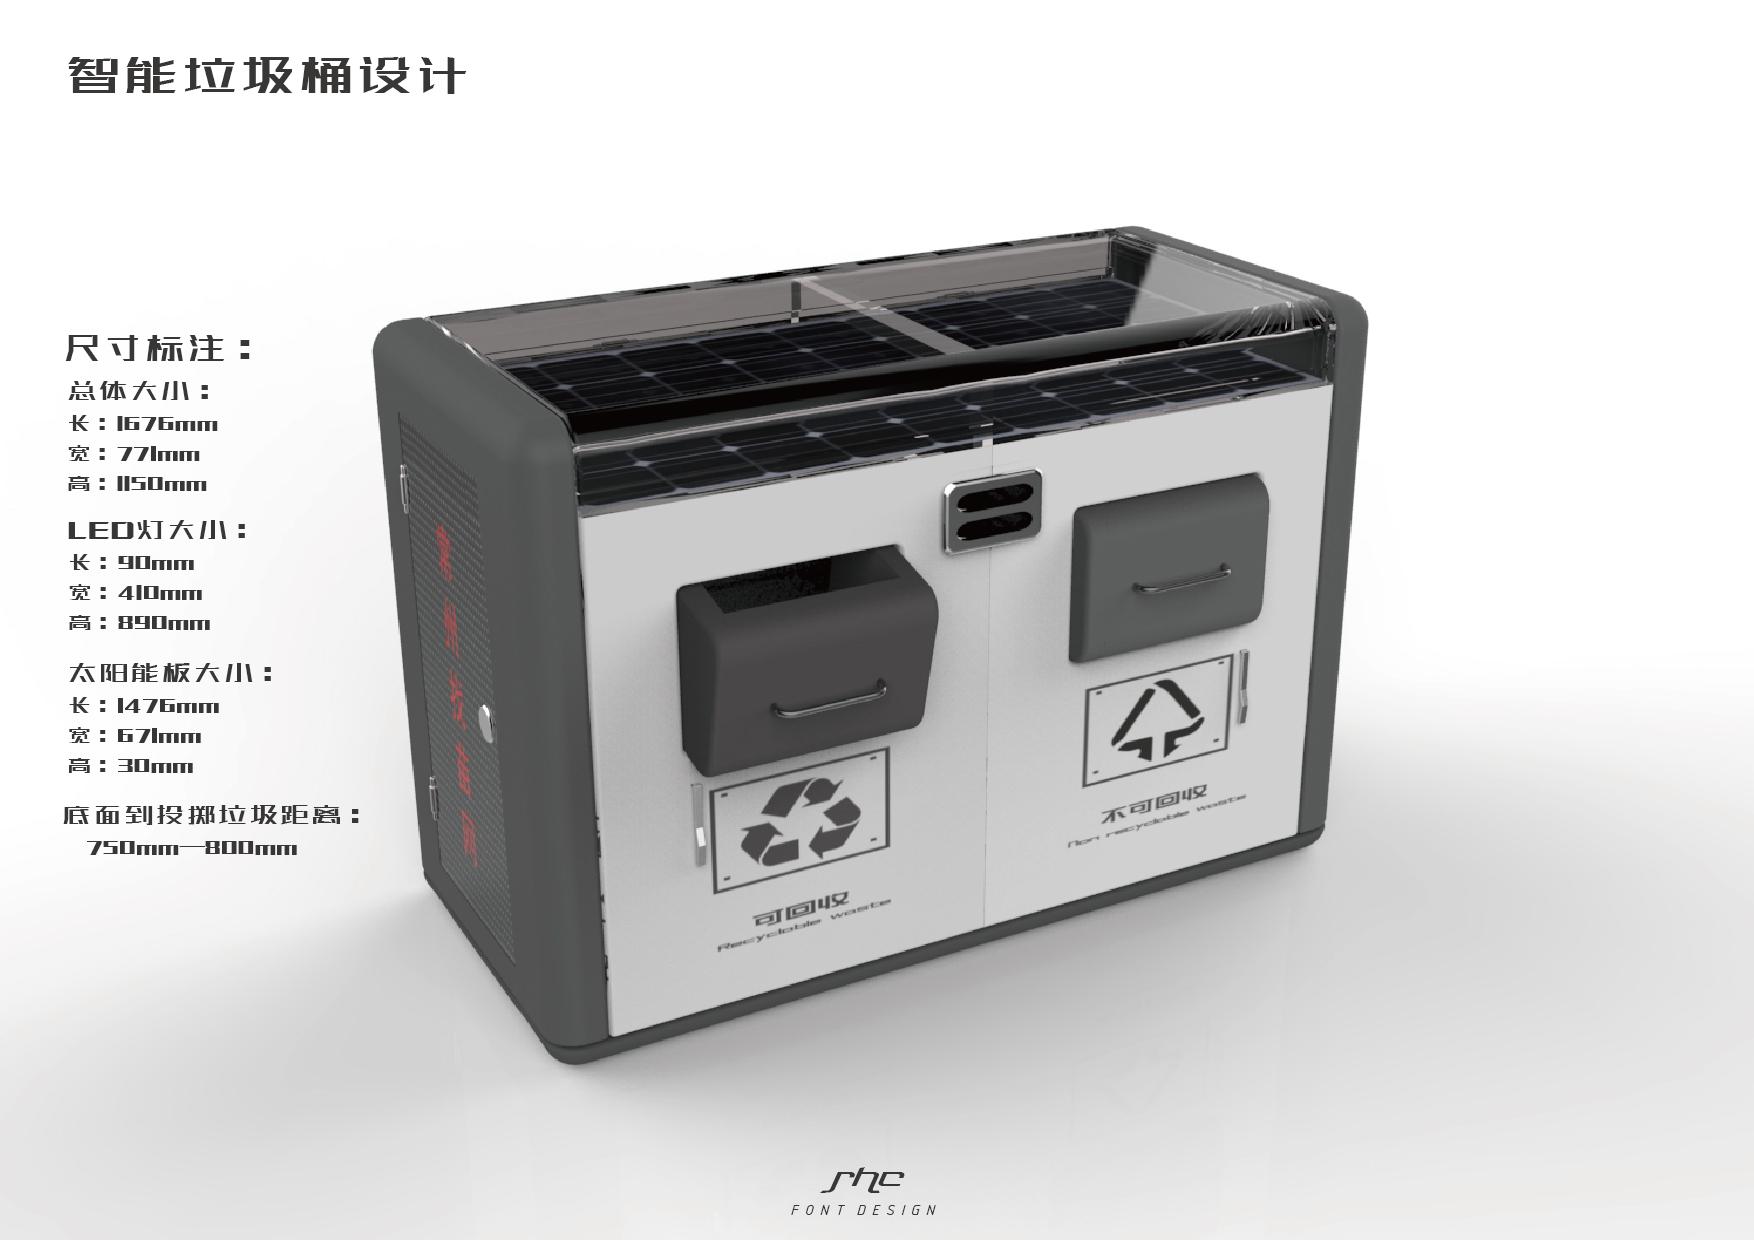 智能垃圾桶设计图片